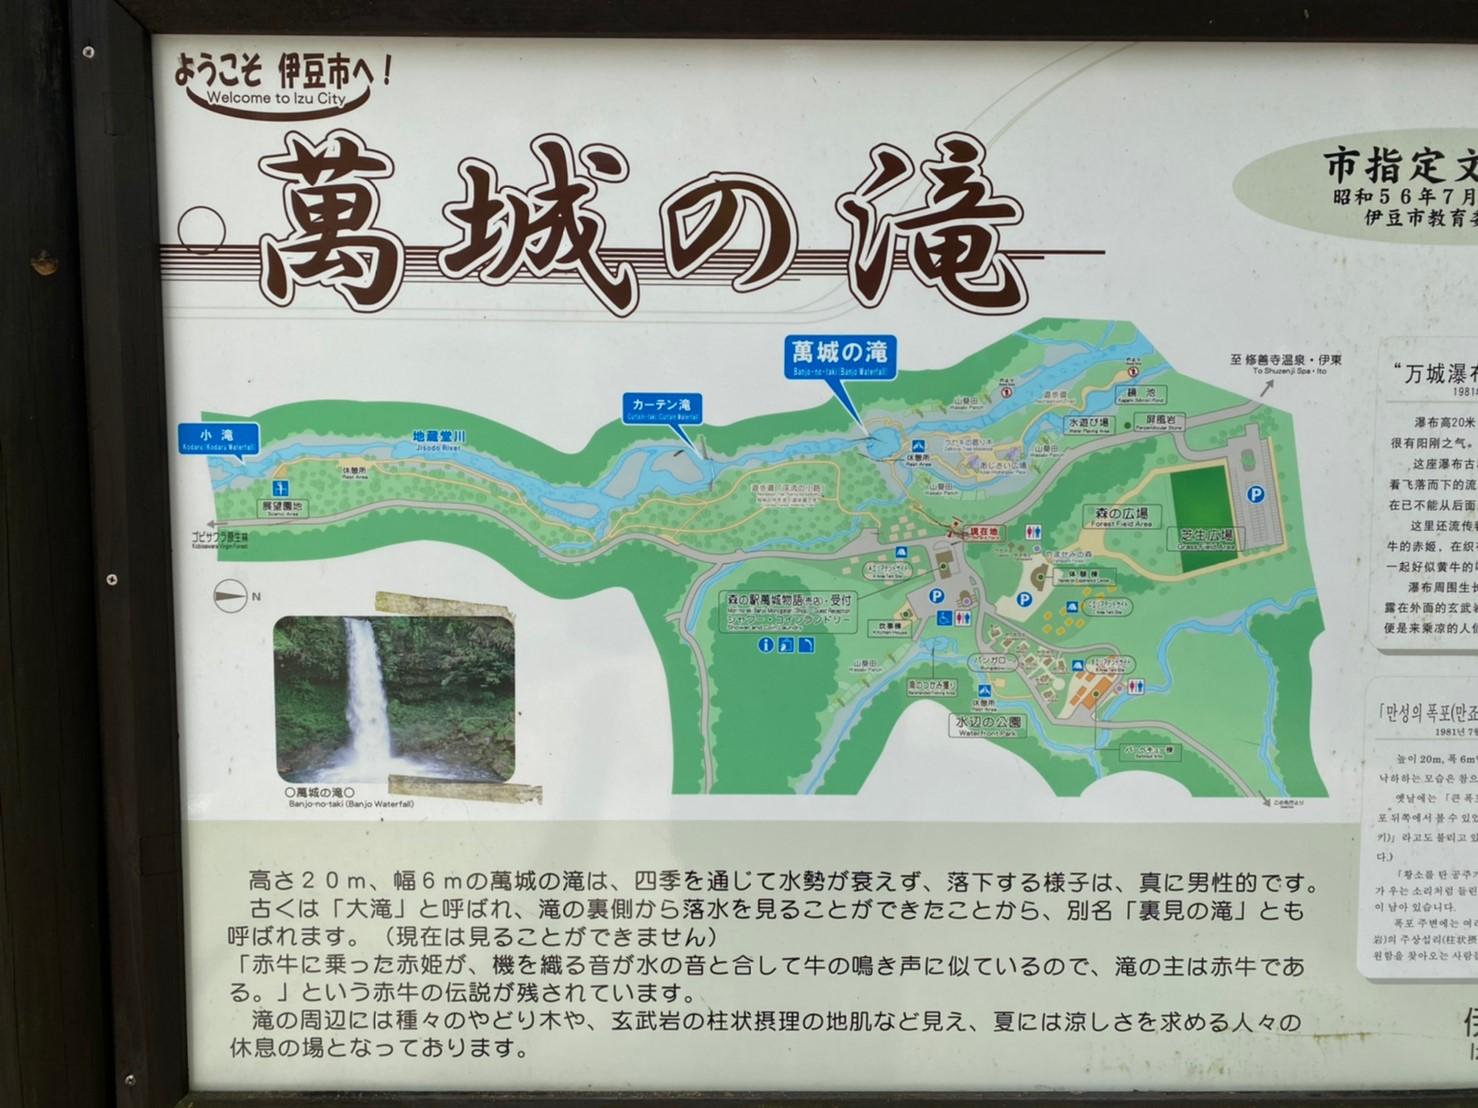 【自然豊か・初心者おすすめ!伊豆】『萬城の滝キャンプ場』の情報まとめ(駐車場・トイレ)